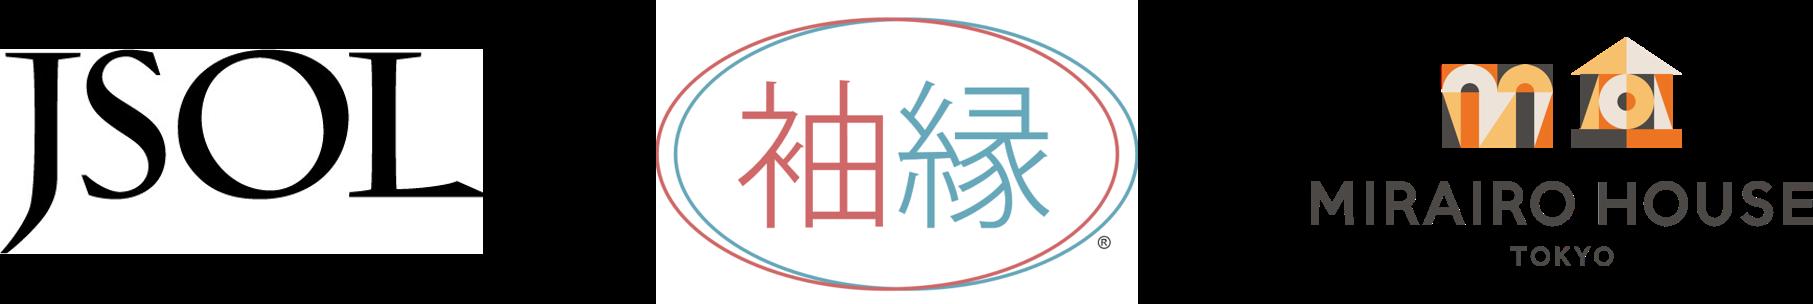 【ロゴマーク】JSOL×袖縁×ミライロハウス